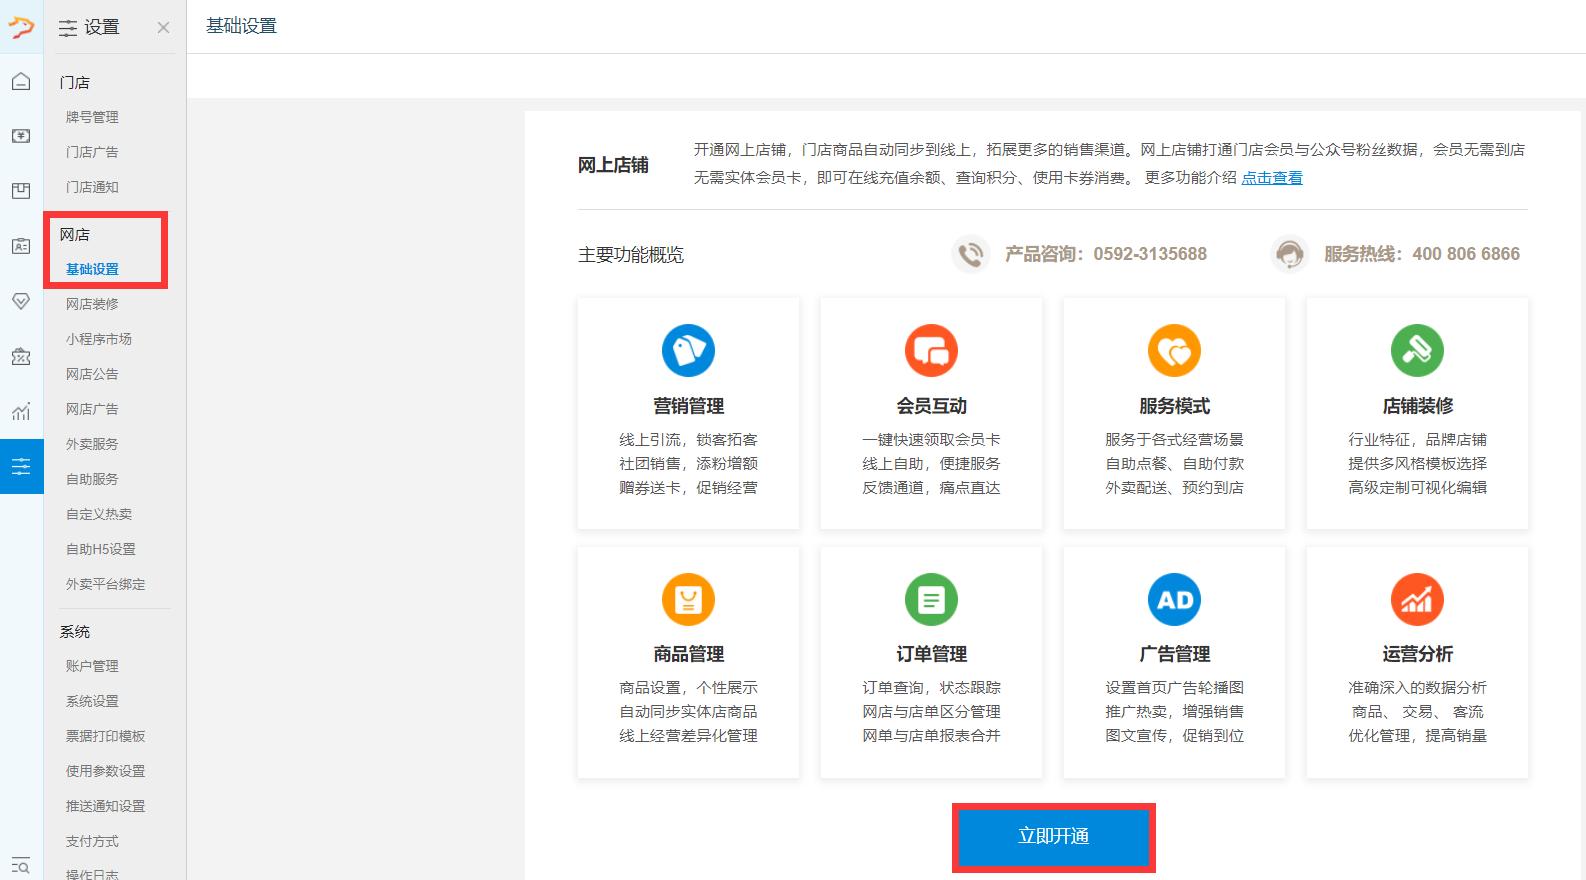 美团外卖平台对接-银豹博客